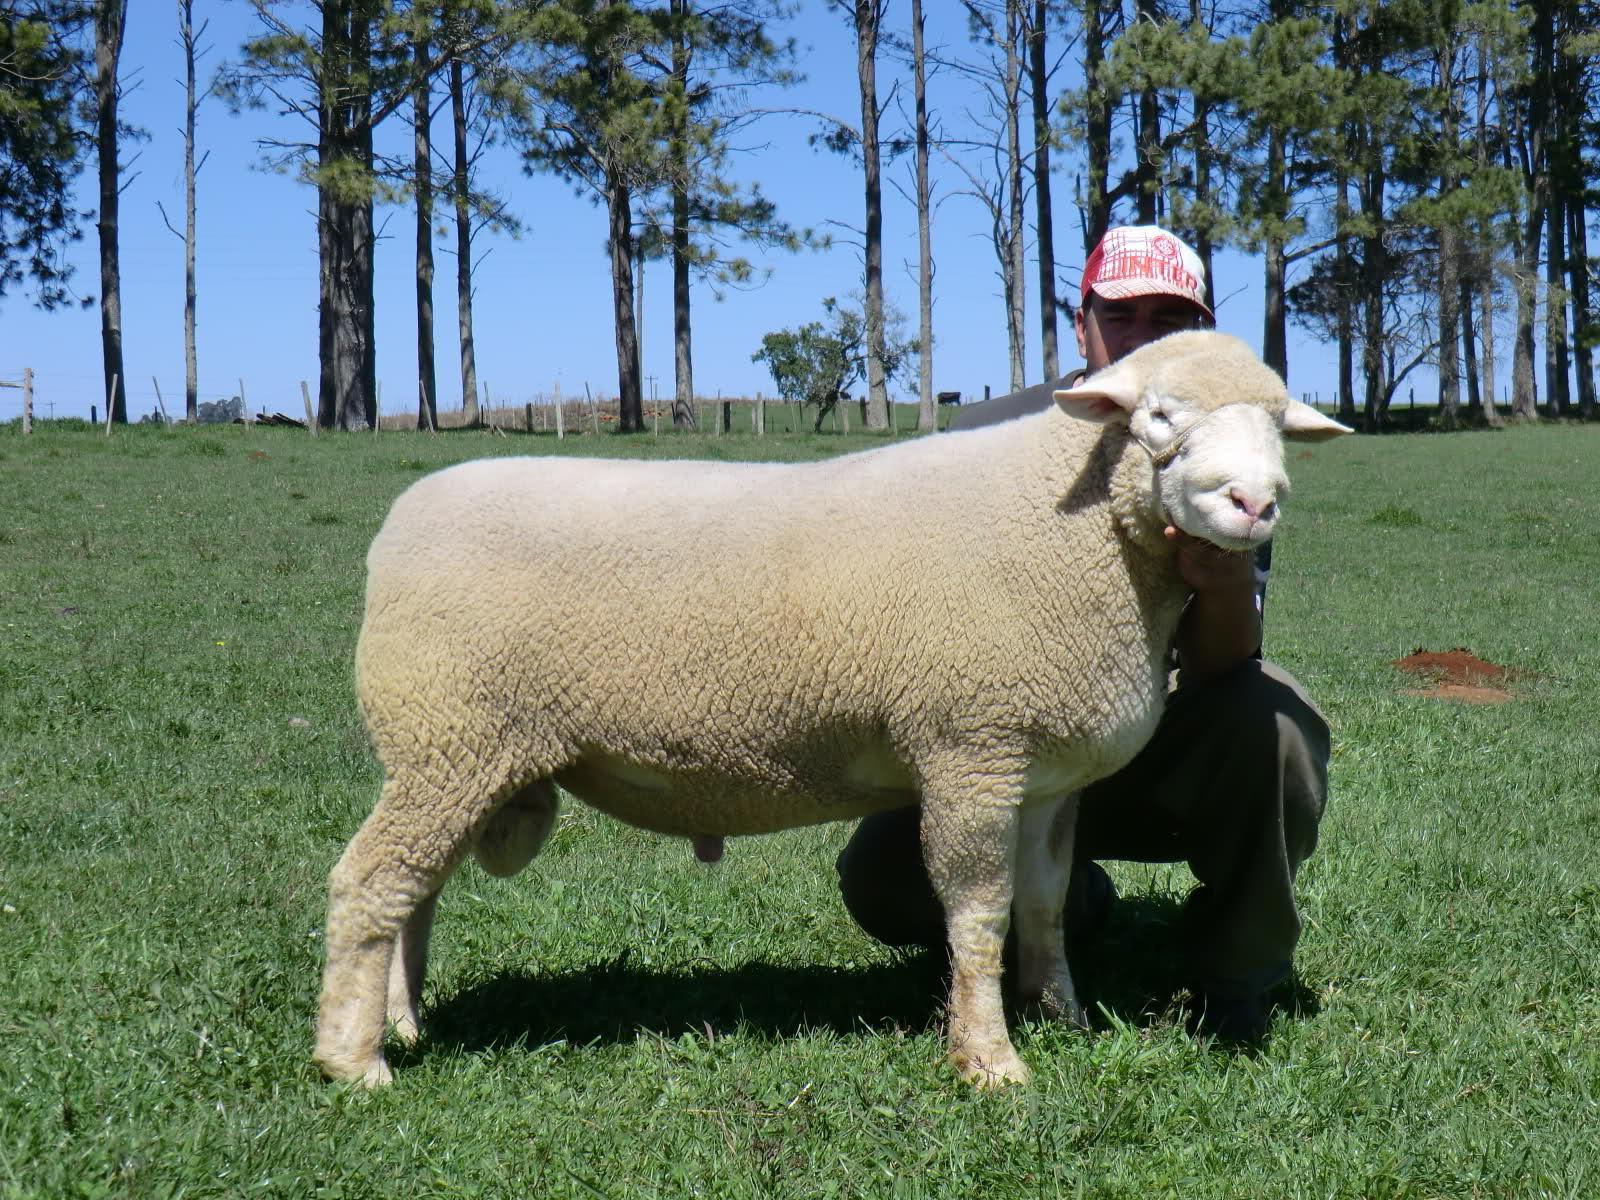 İle de France' koyun ile ilgili görsel sonucu